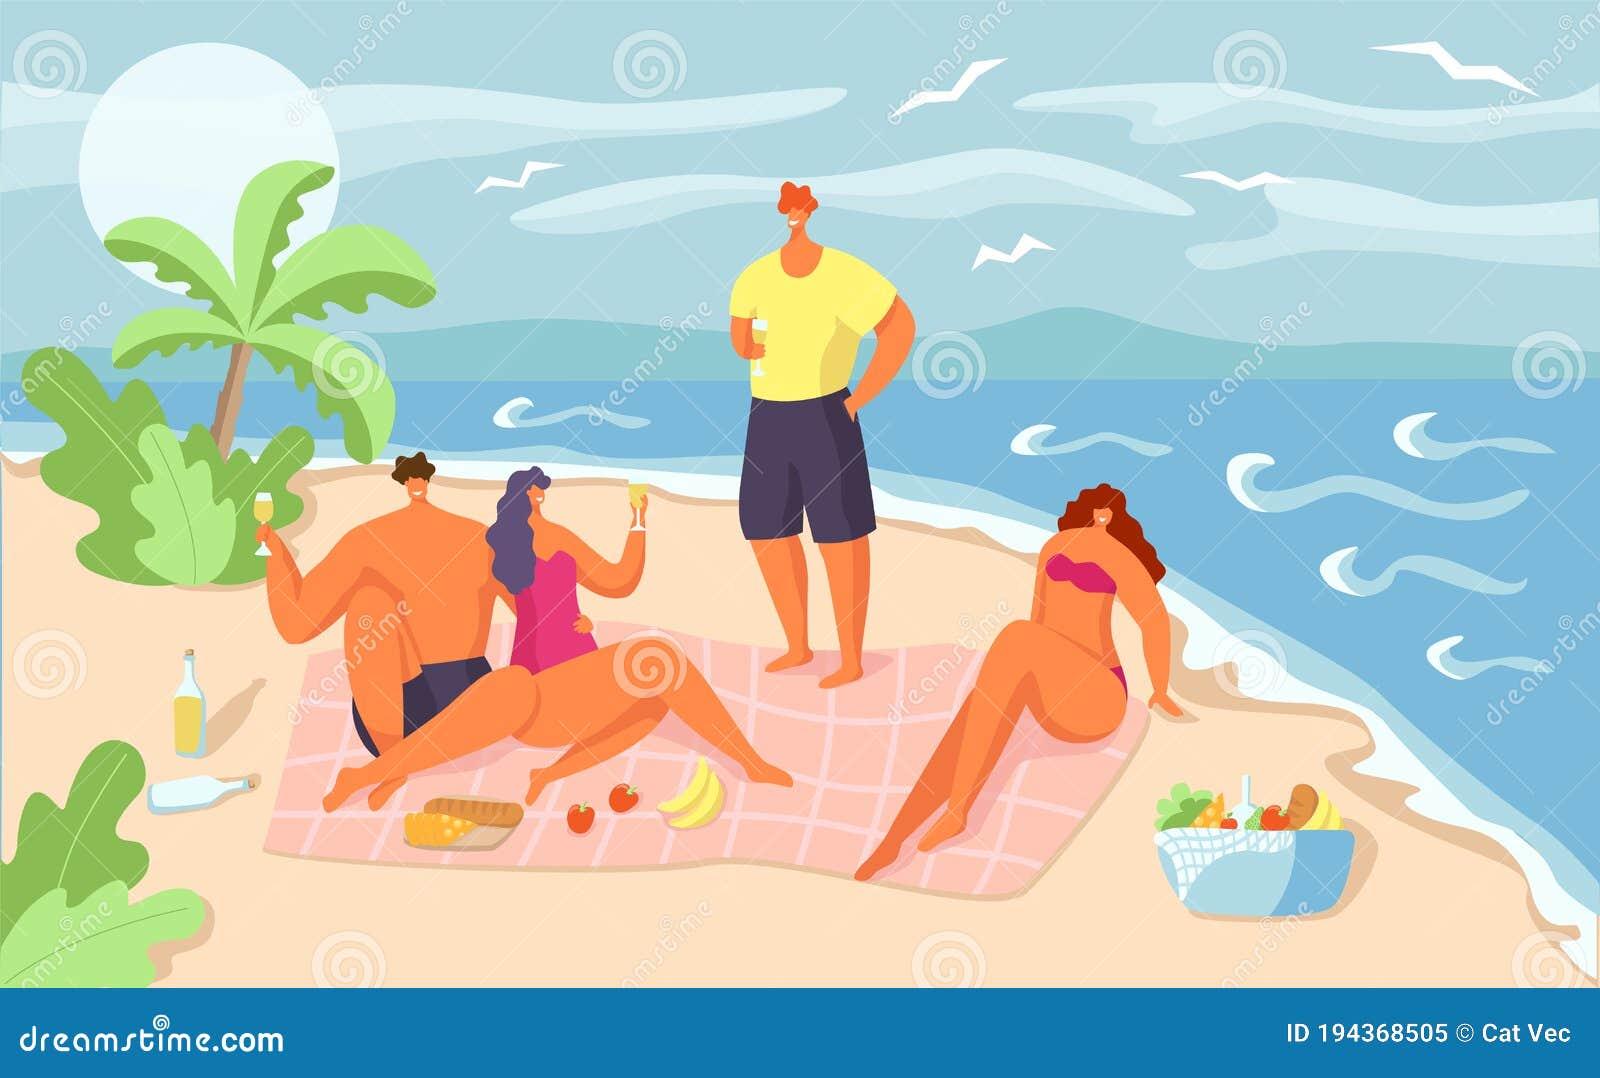 Roliga Tecknade Sommarbilder